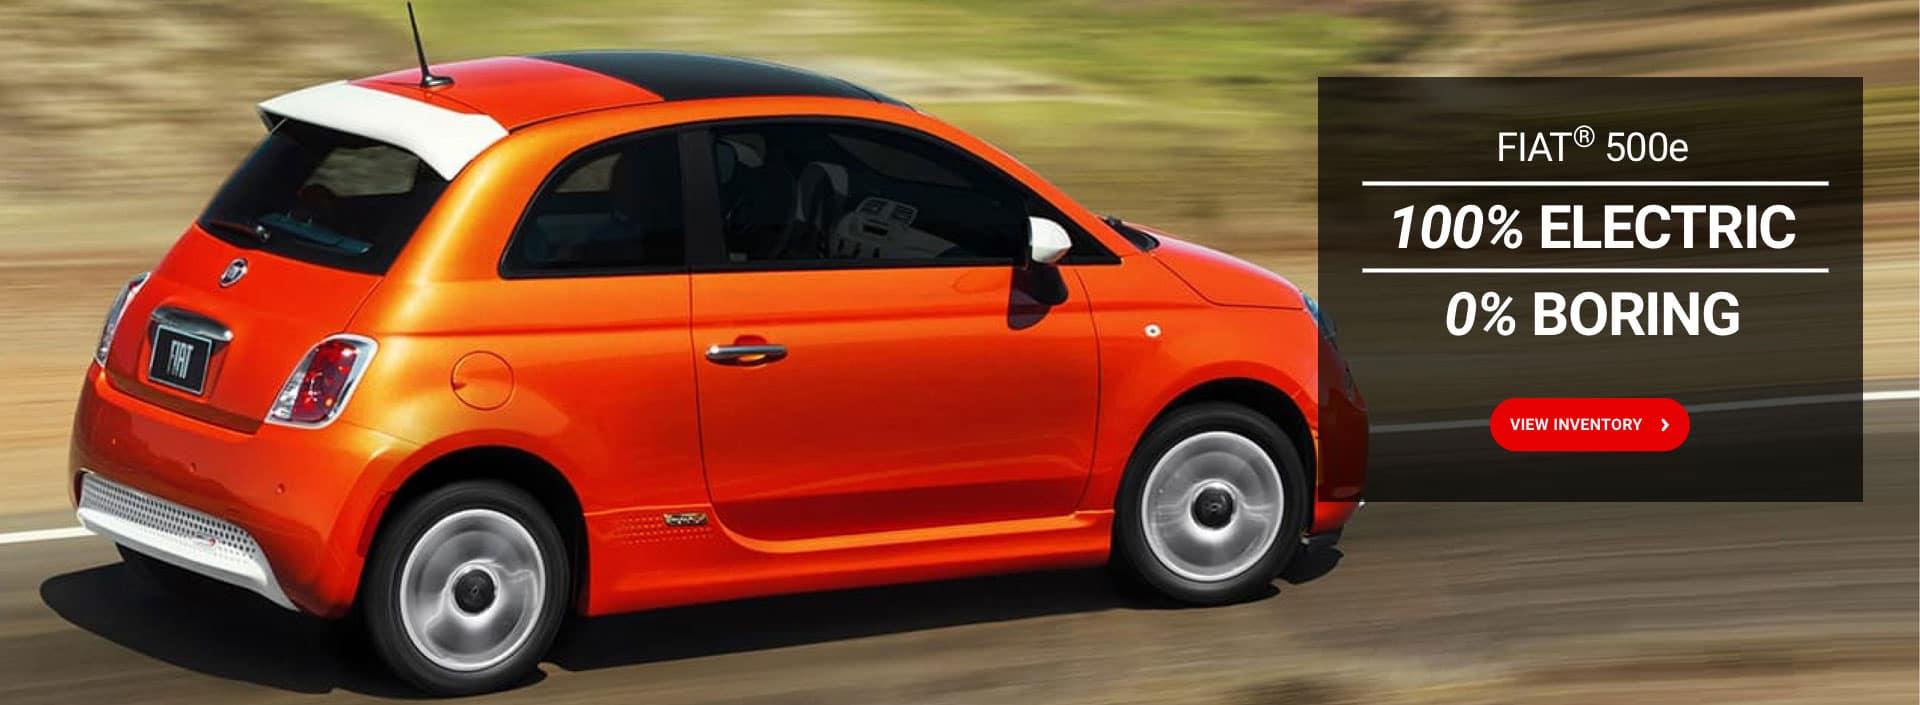 Fiat 500e 100% electric 0% boring